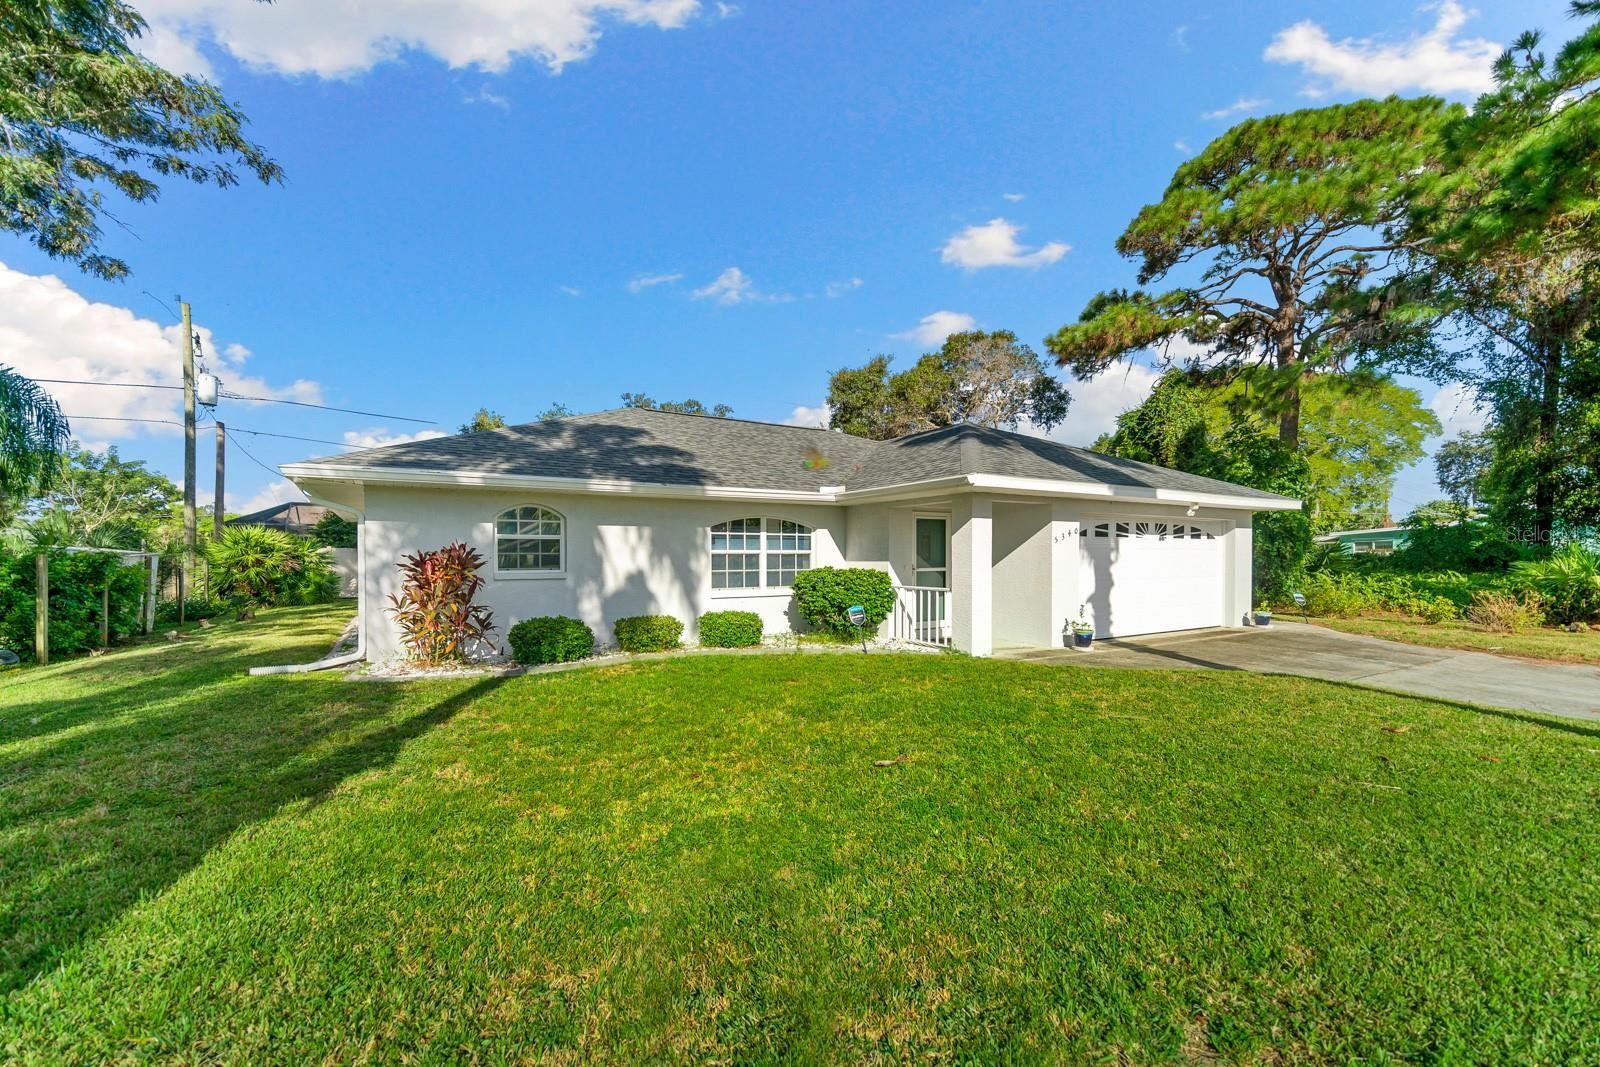 Photo of 5340 KENT ROAD, VENICE, FL 34293 (MLS # A4514857)